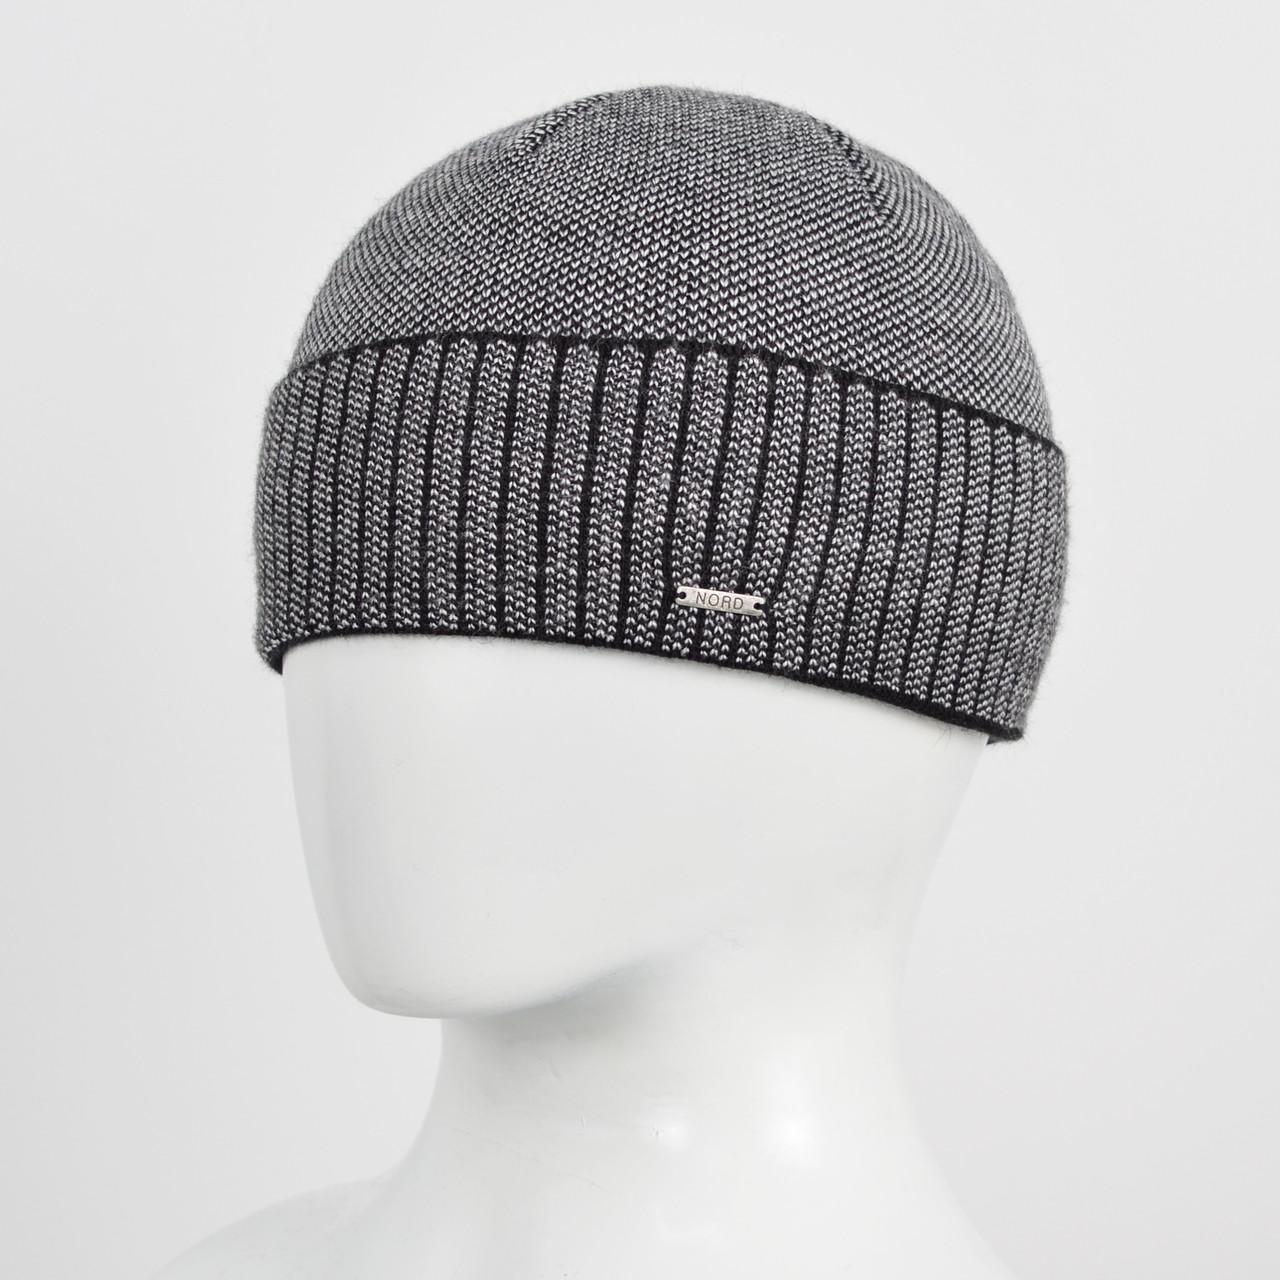 Вязаная шапка Nord на флисе 171712 черный+сталь, фото 1